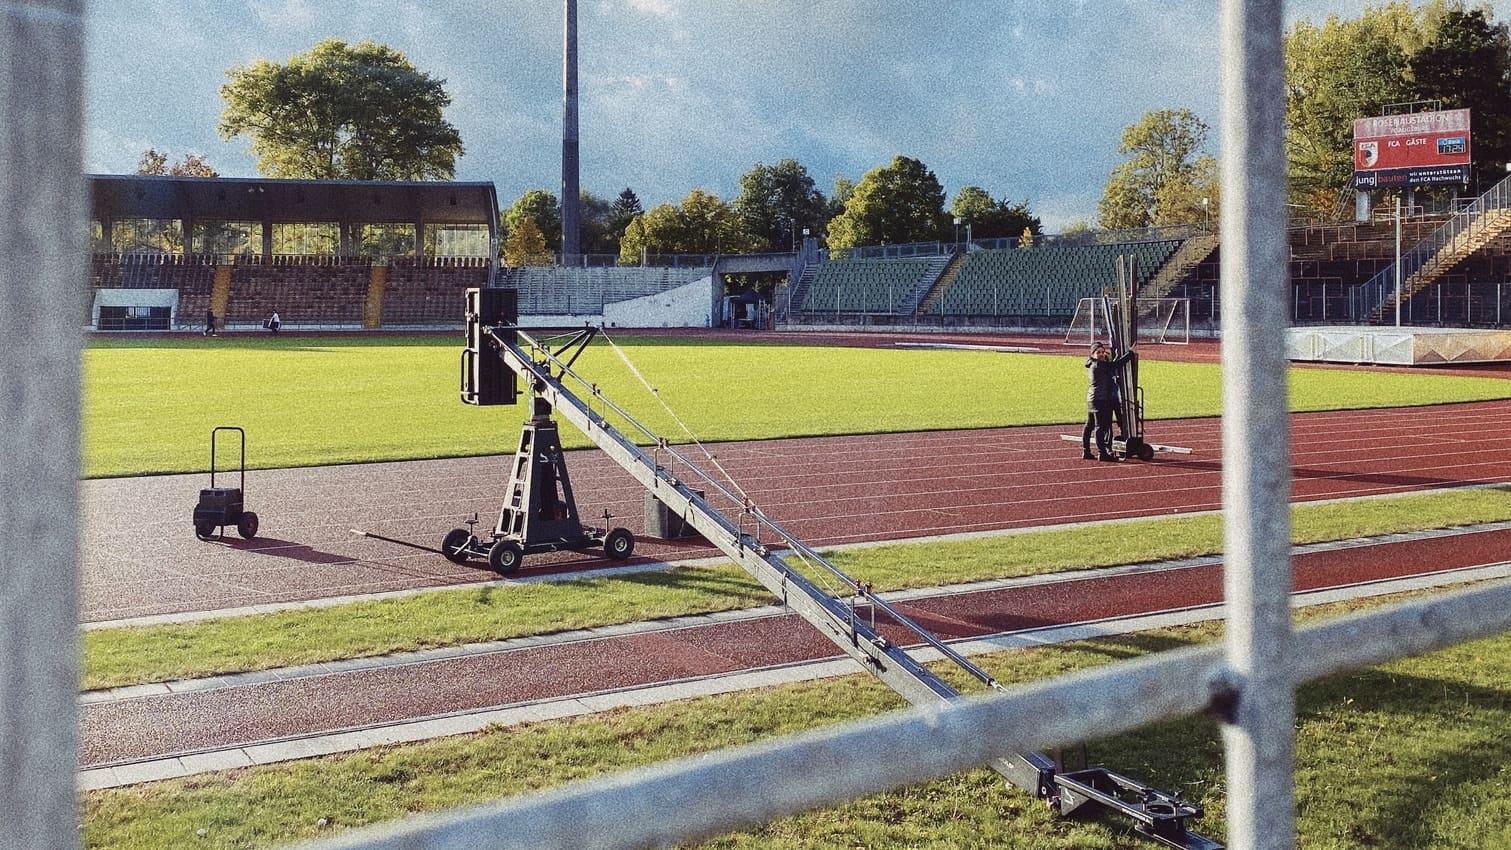 Werbefilm Service Produktion Filmproduktion in Augsburg Foxy Kamera Kran t20 Head im Rosenaustadion